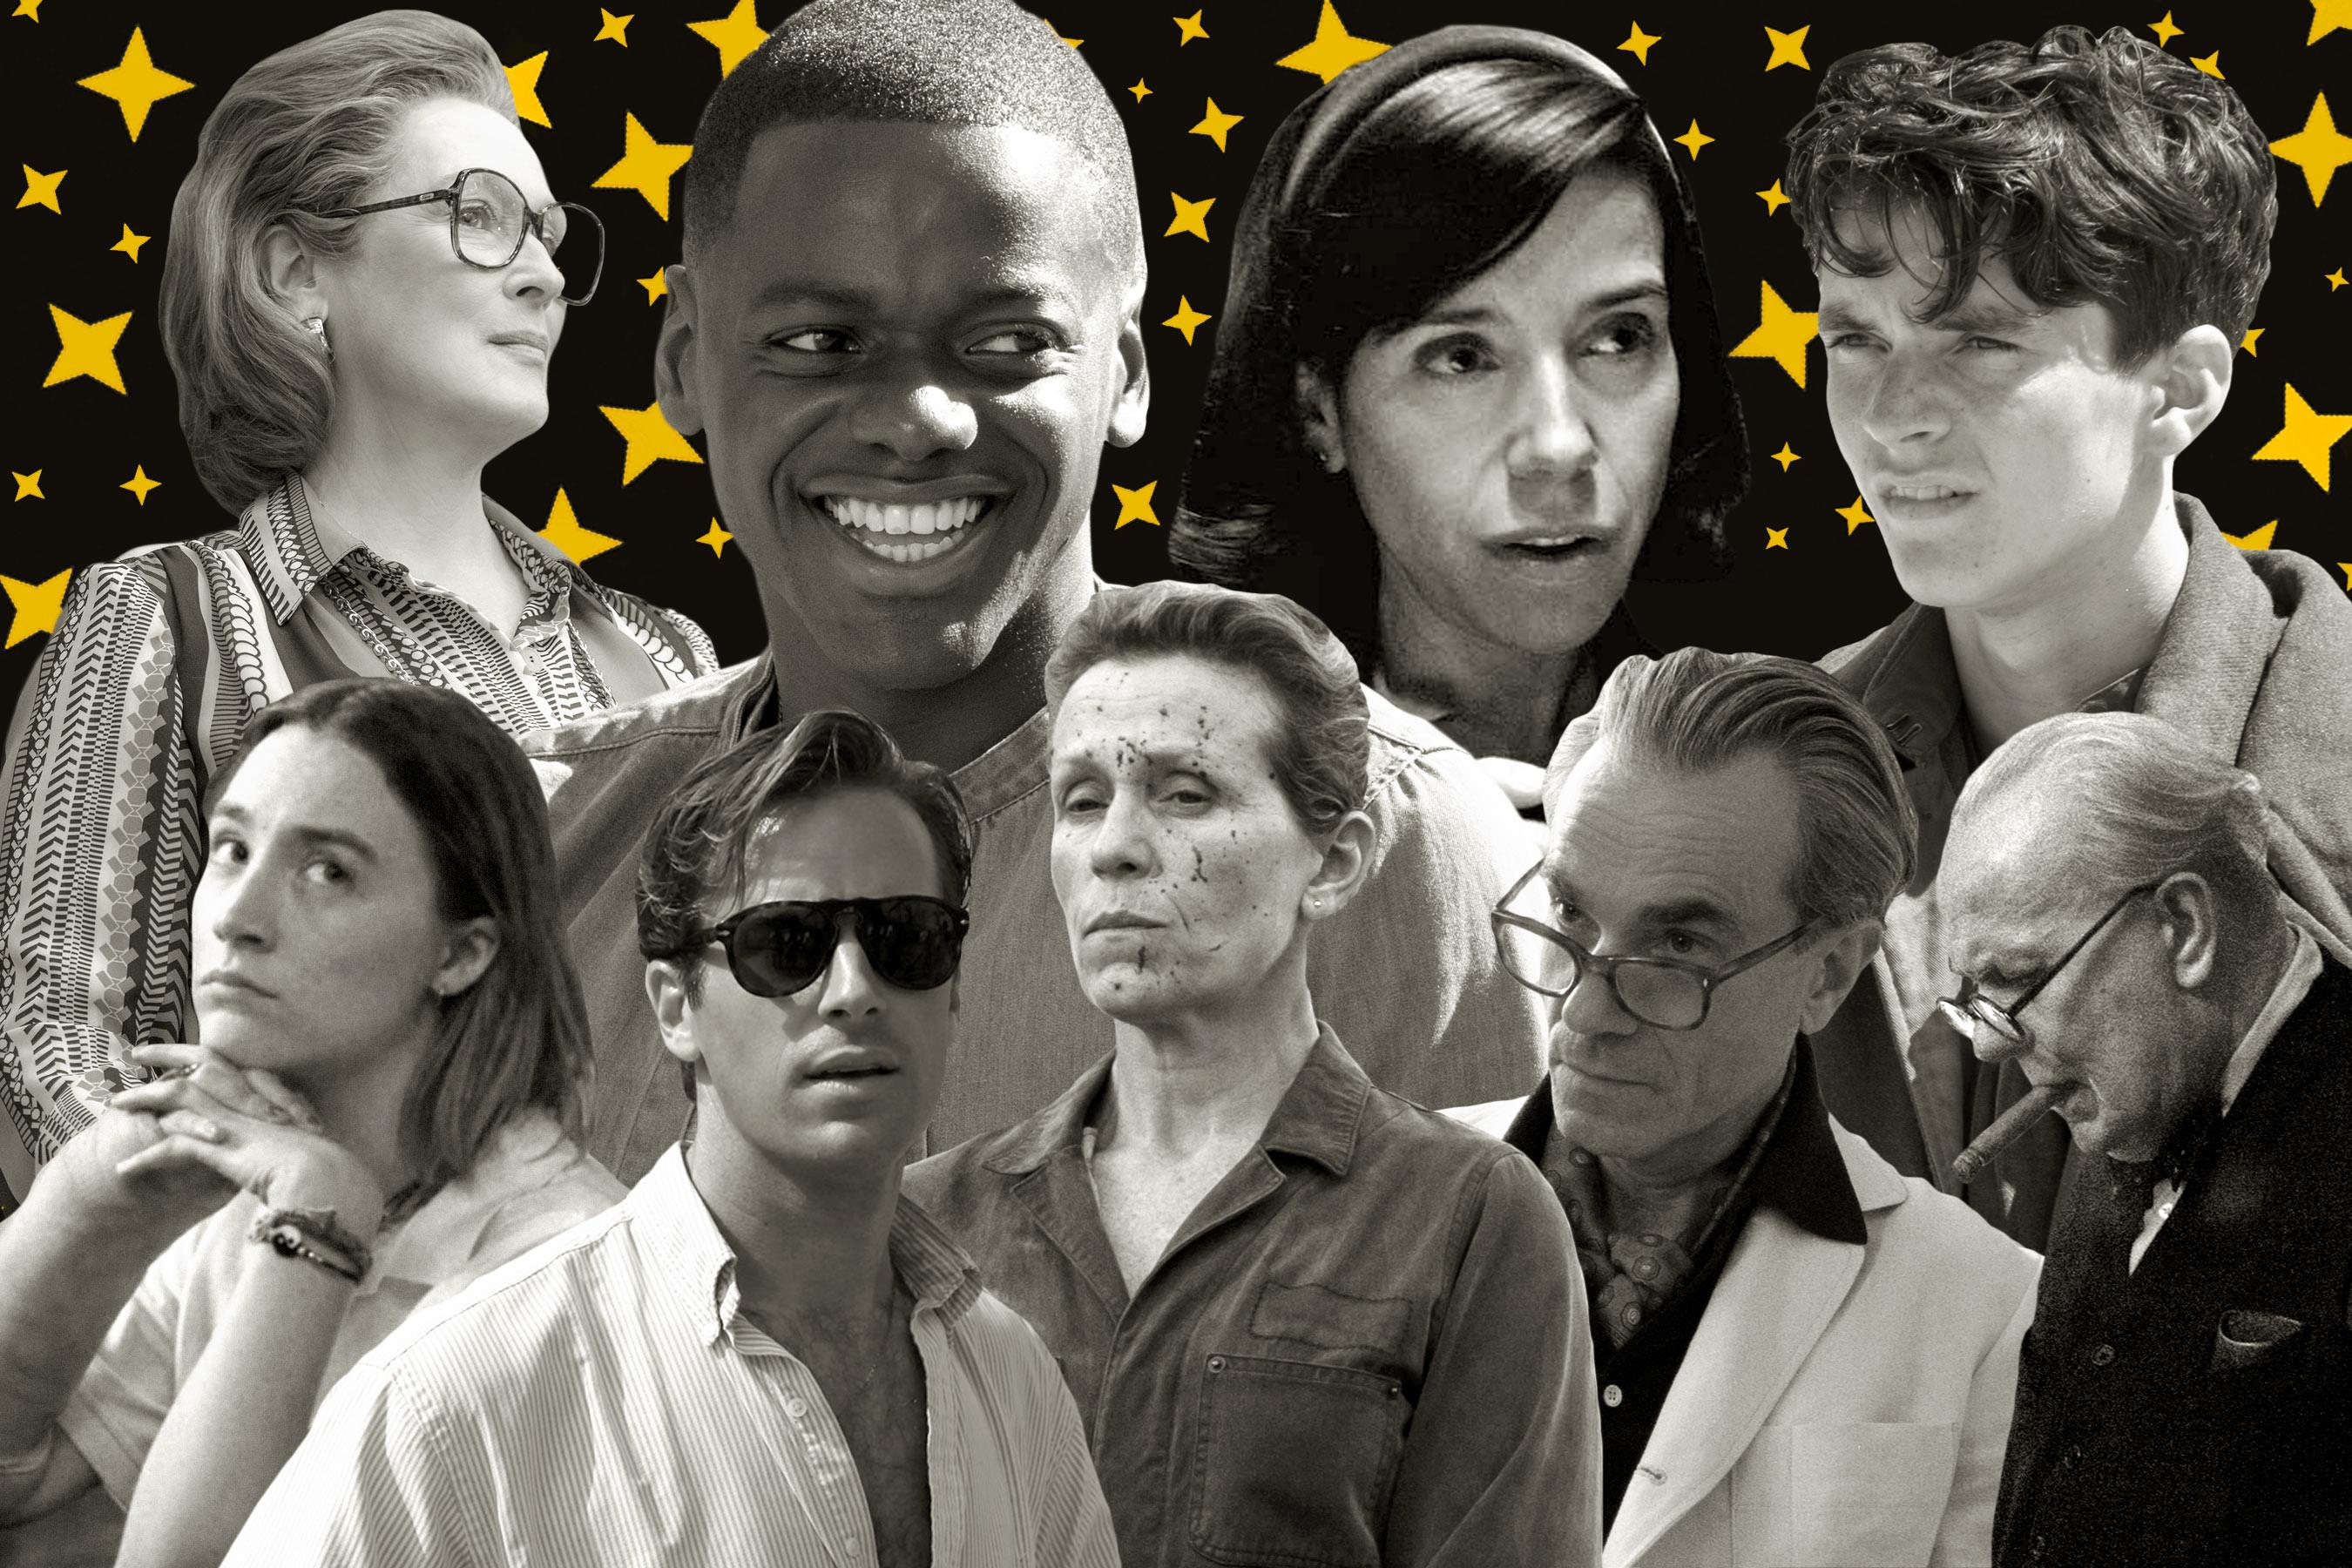 Luật bỏ phiếu khó lường của giải Phim truyện xuất sắc tại Oscar